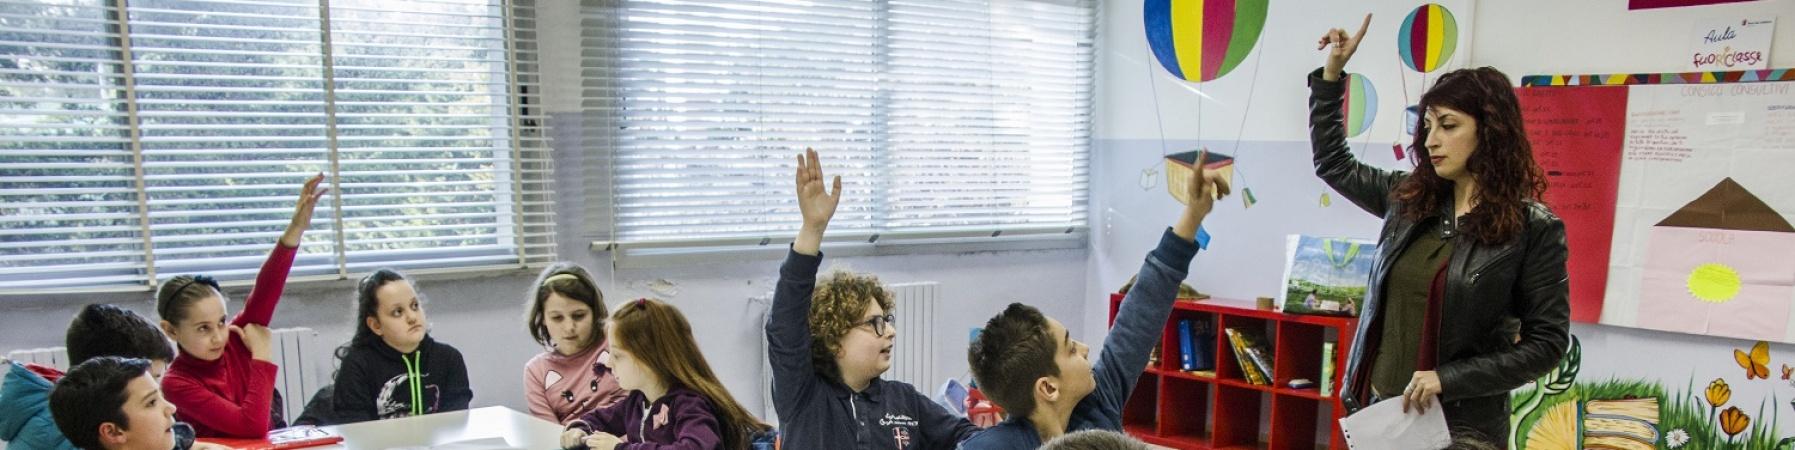 bambini in classe con maestra che alzano la mano